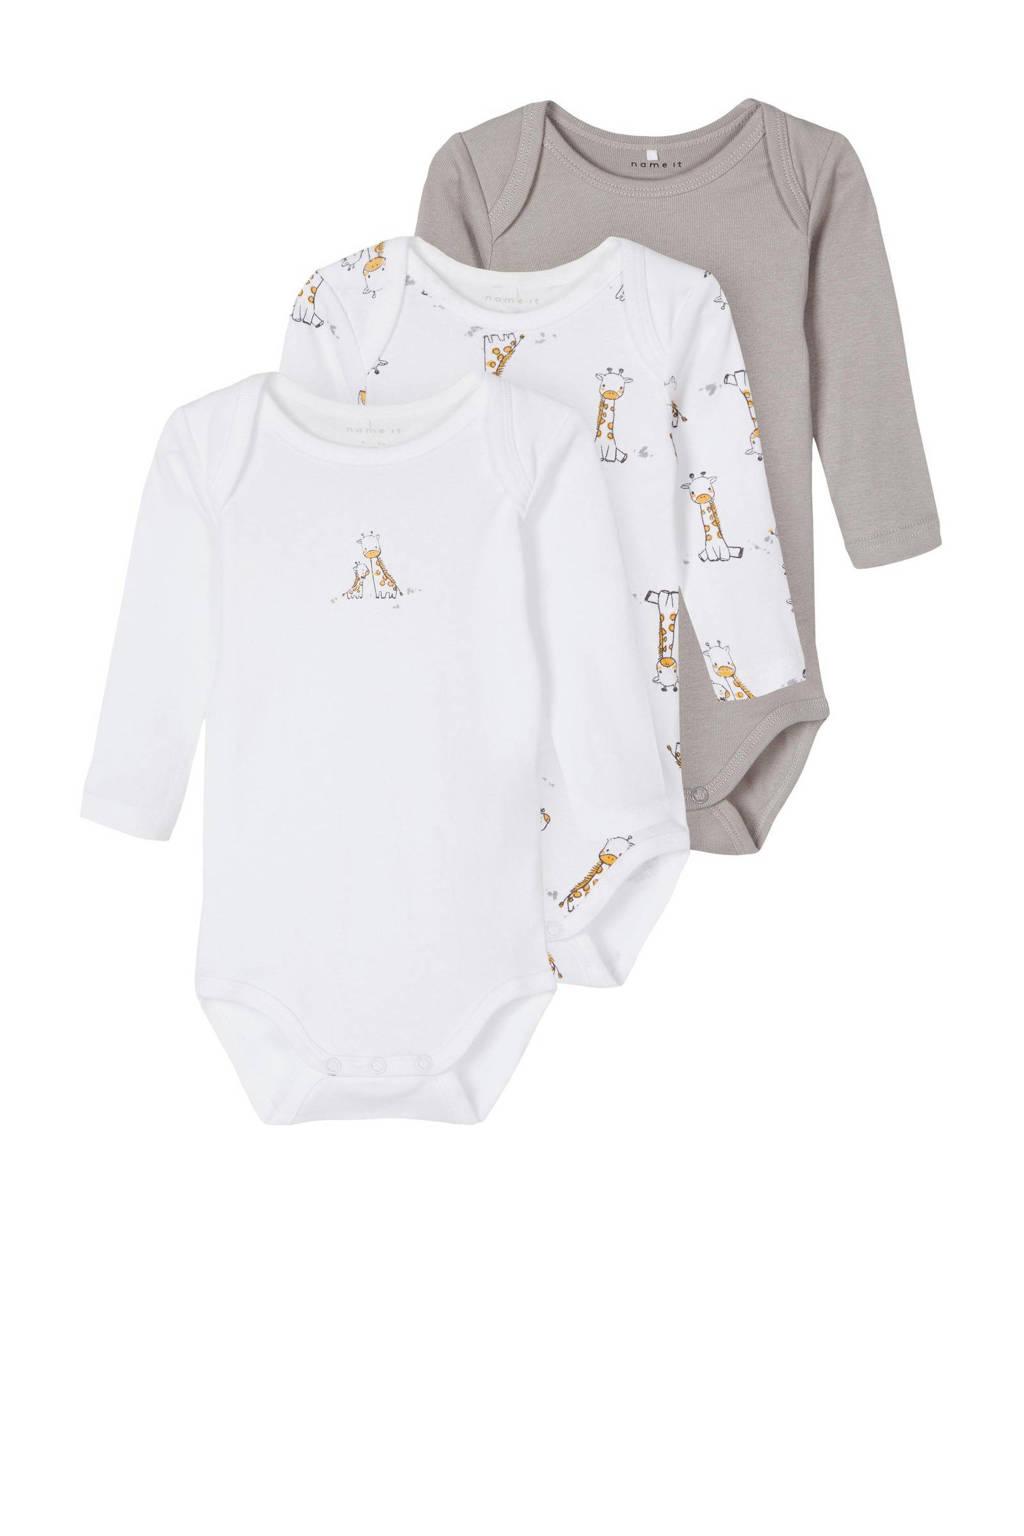 NAME IT BABY newborn baby romper - set van 3 wit/grijs melange/geel, Grijs melange/wit/geel